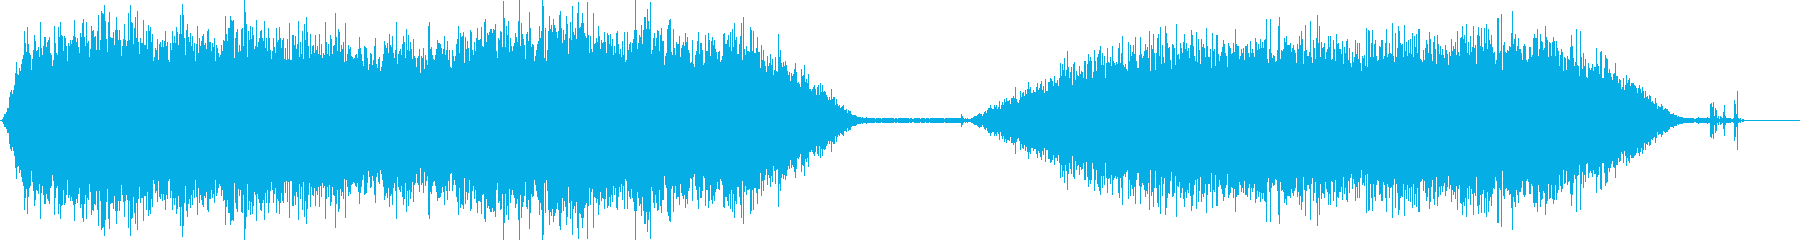 55-65 Mphで運転するコンパ...の再生済みの波形